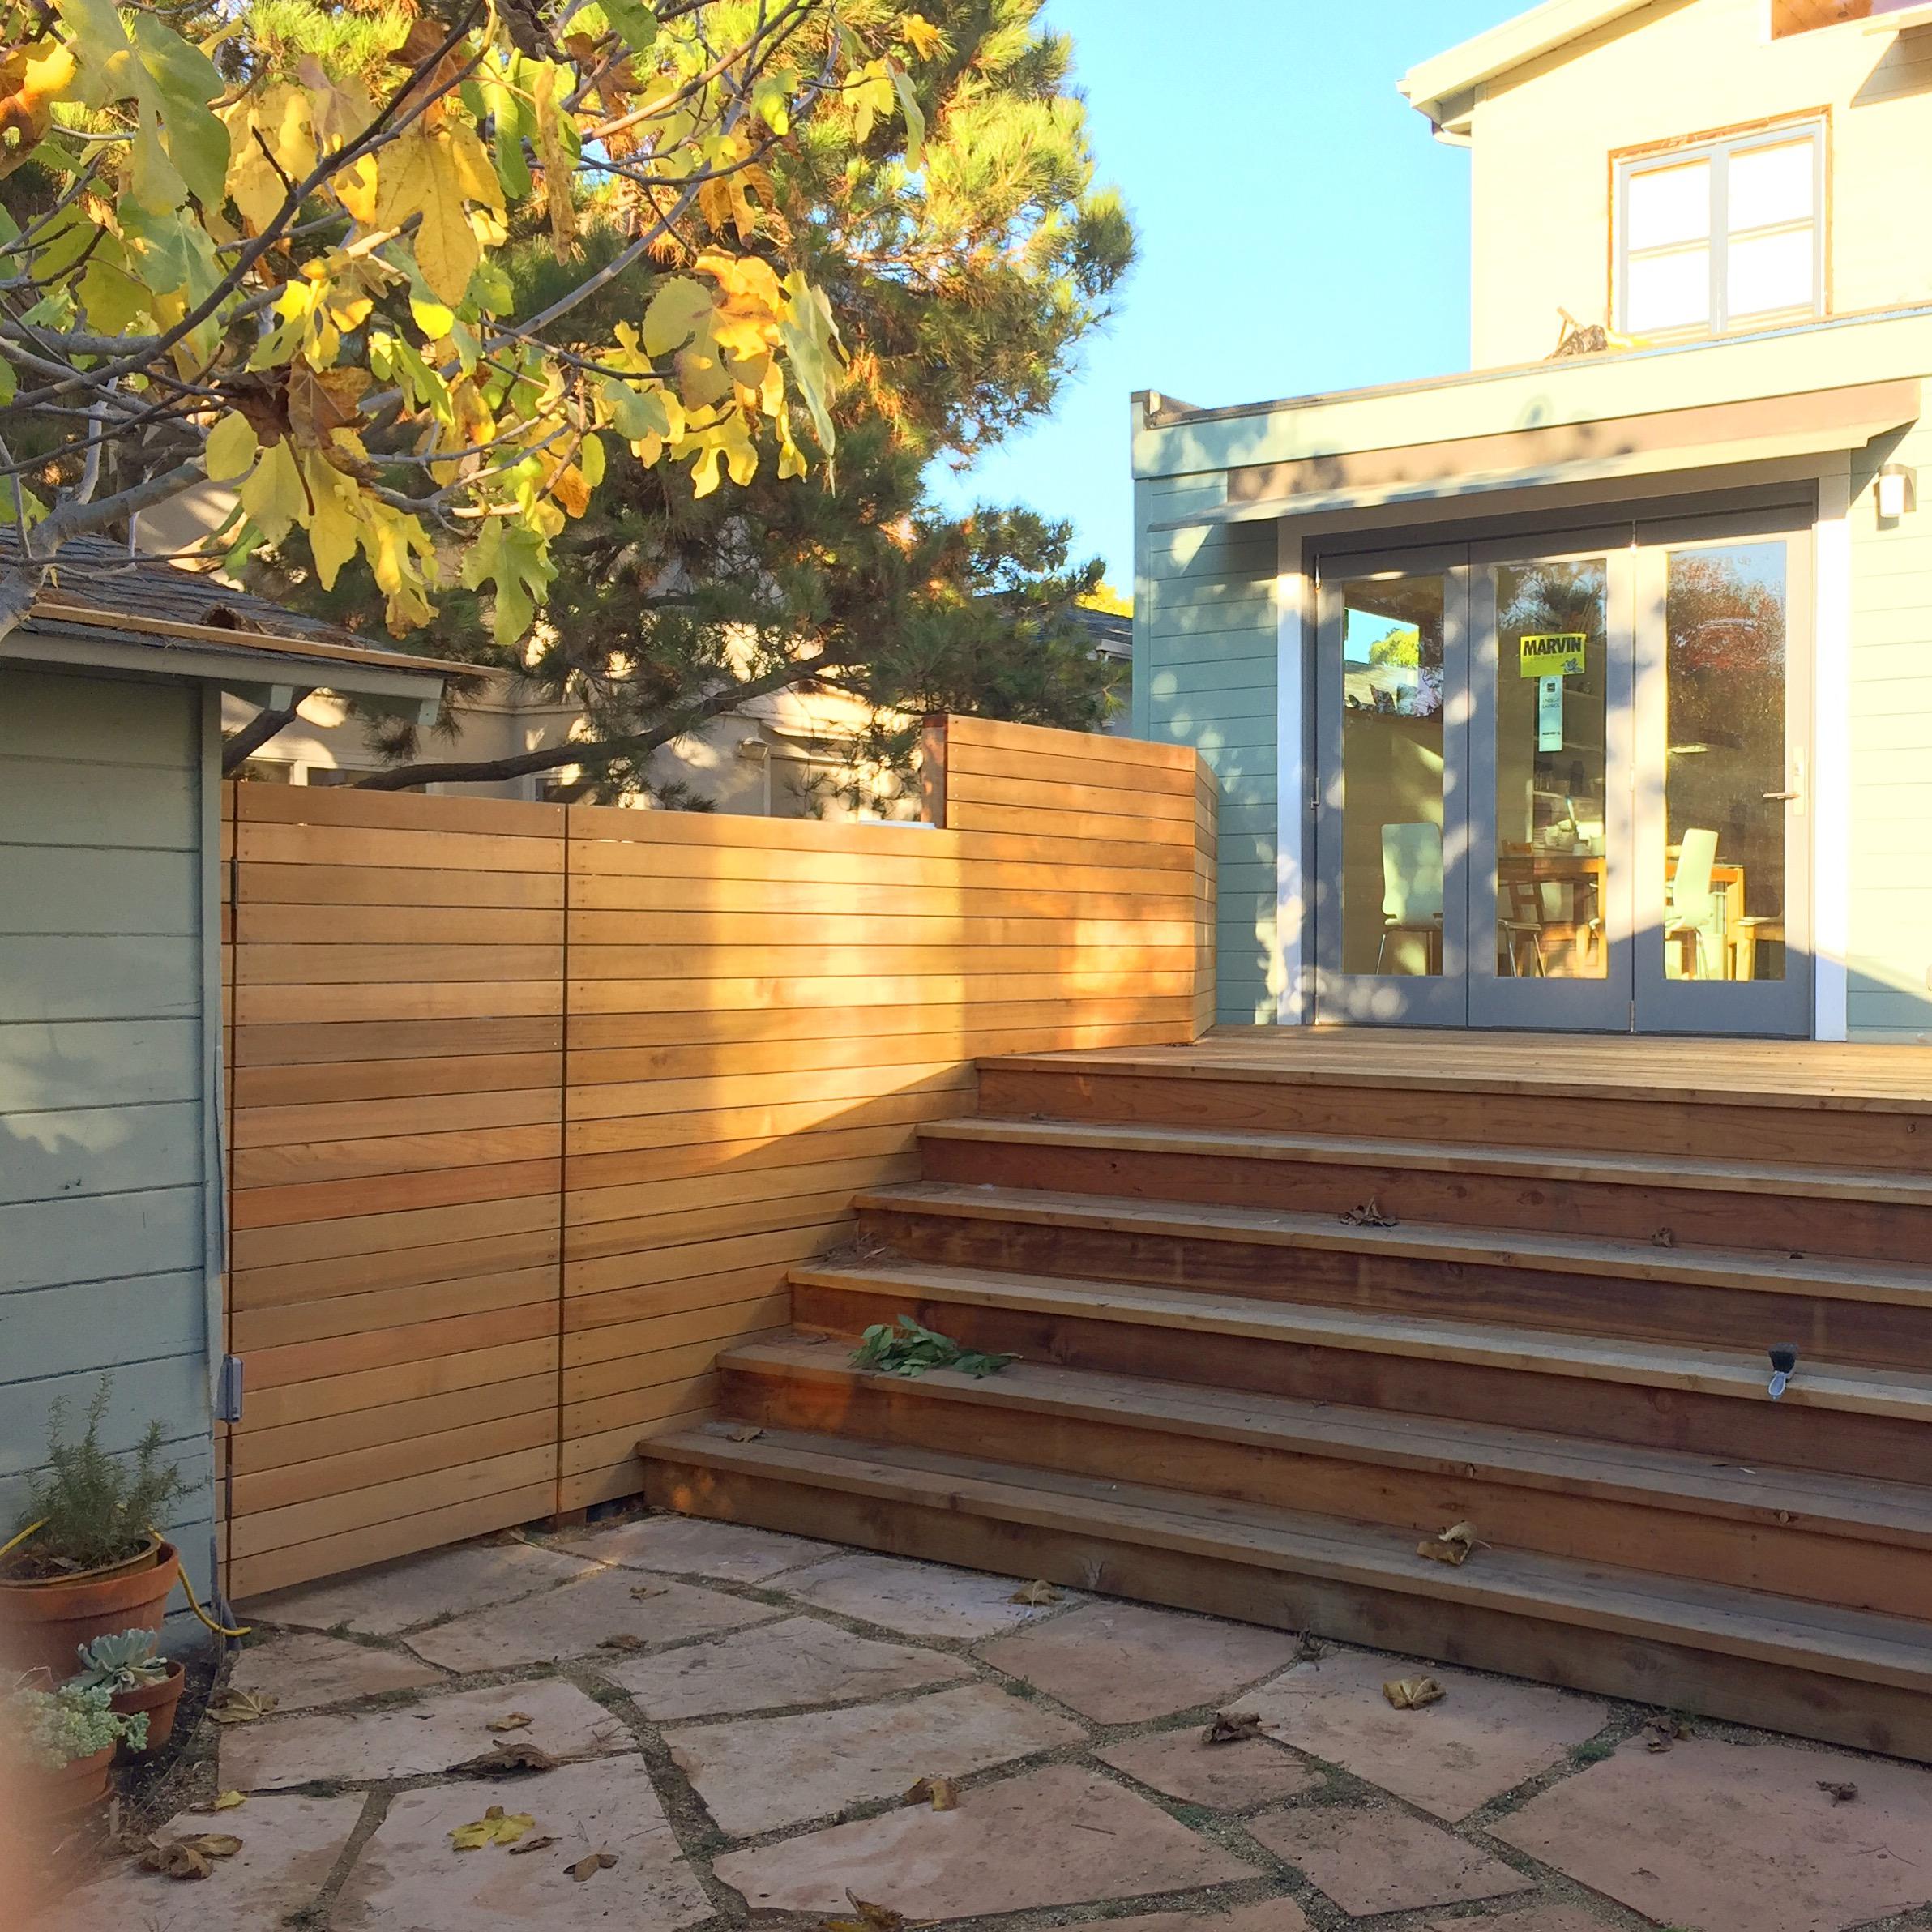 Valley street deck, patio, doors